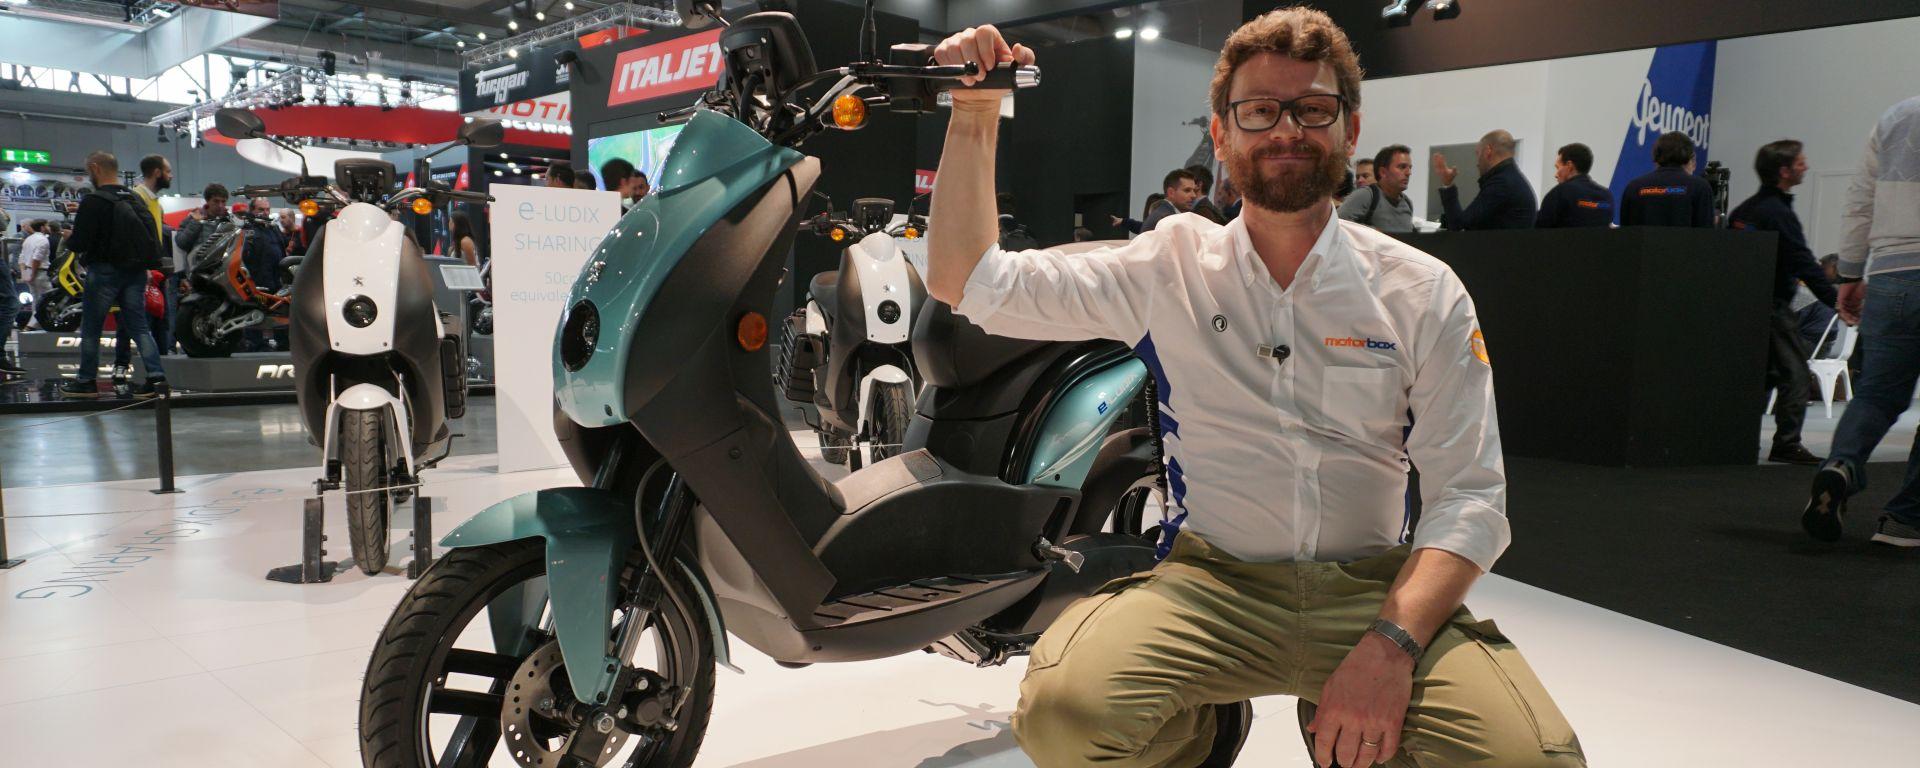 Peugeot e-Ludix 2020: il nuovo scooter elettrico in video